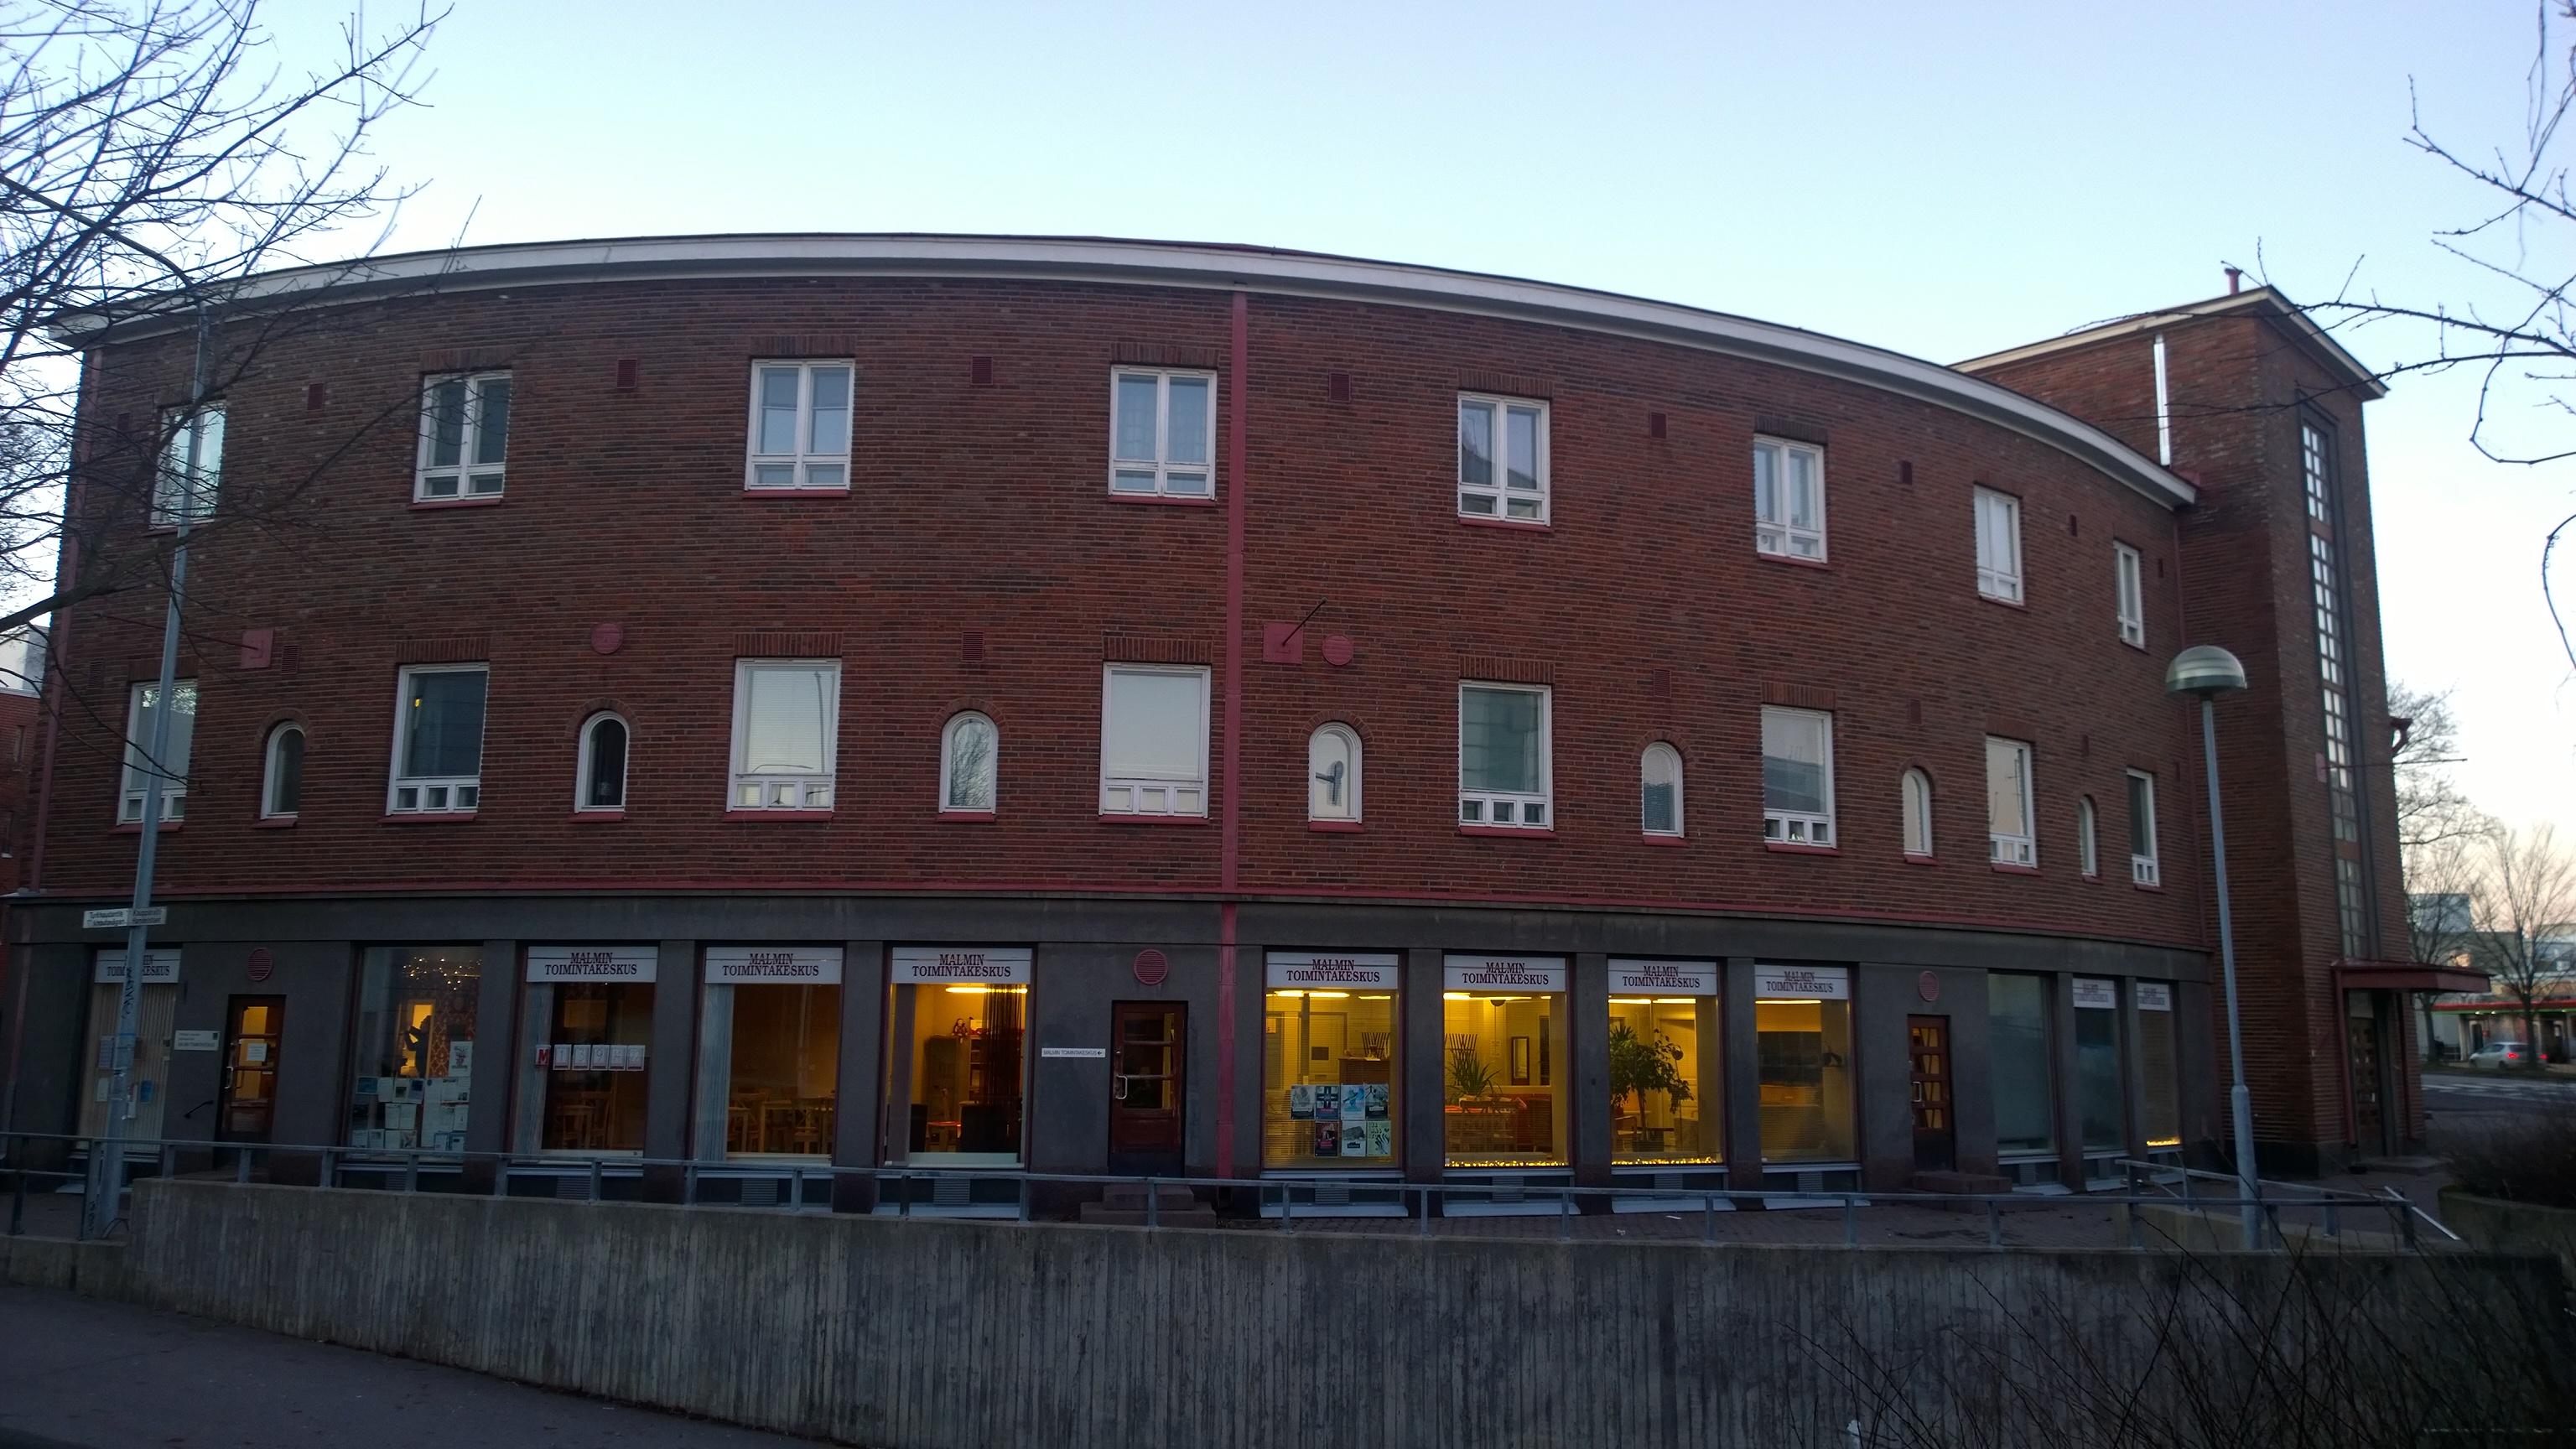 Toimitila, Kirkonkyläntie 2, Malmi, Helsinki